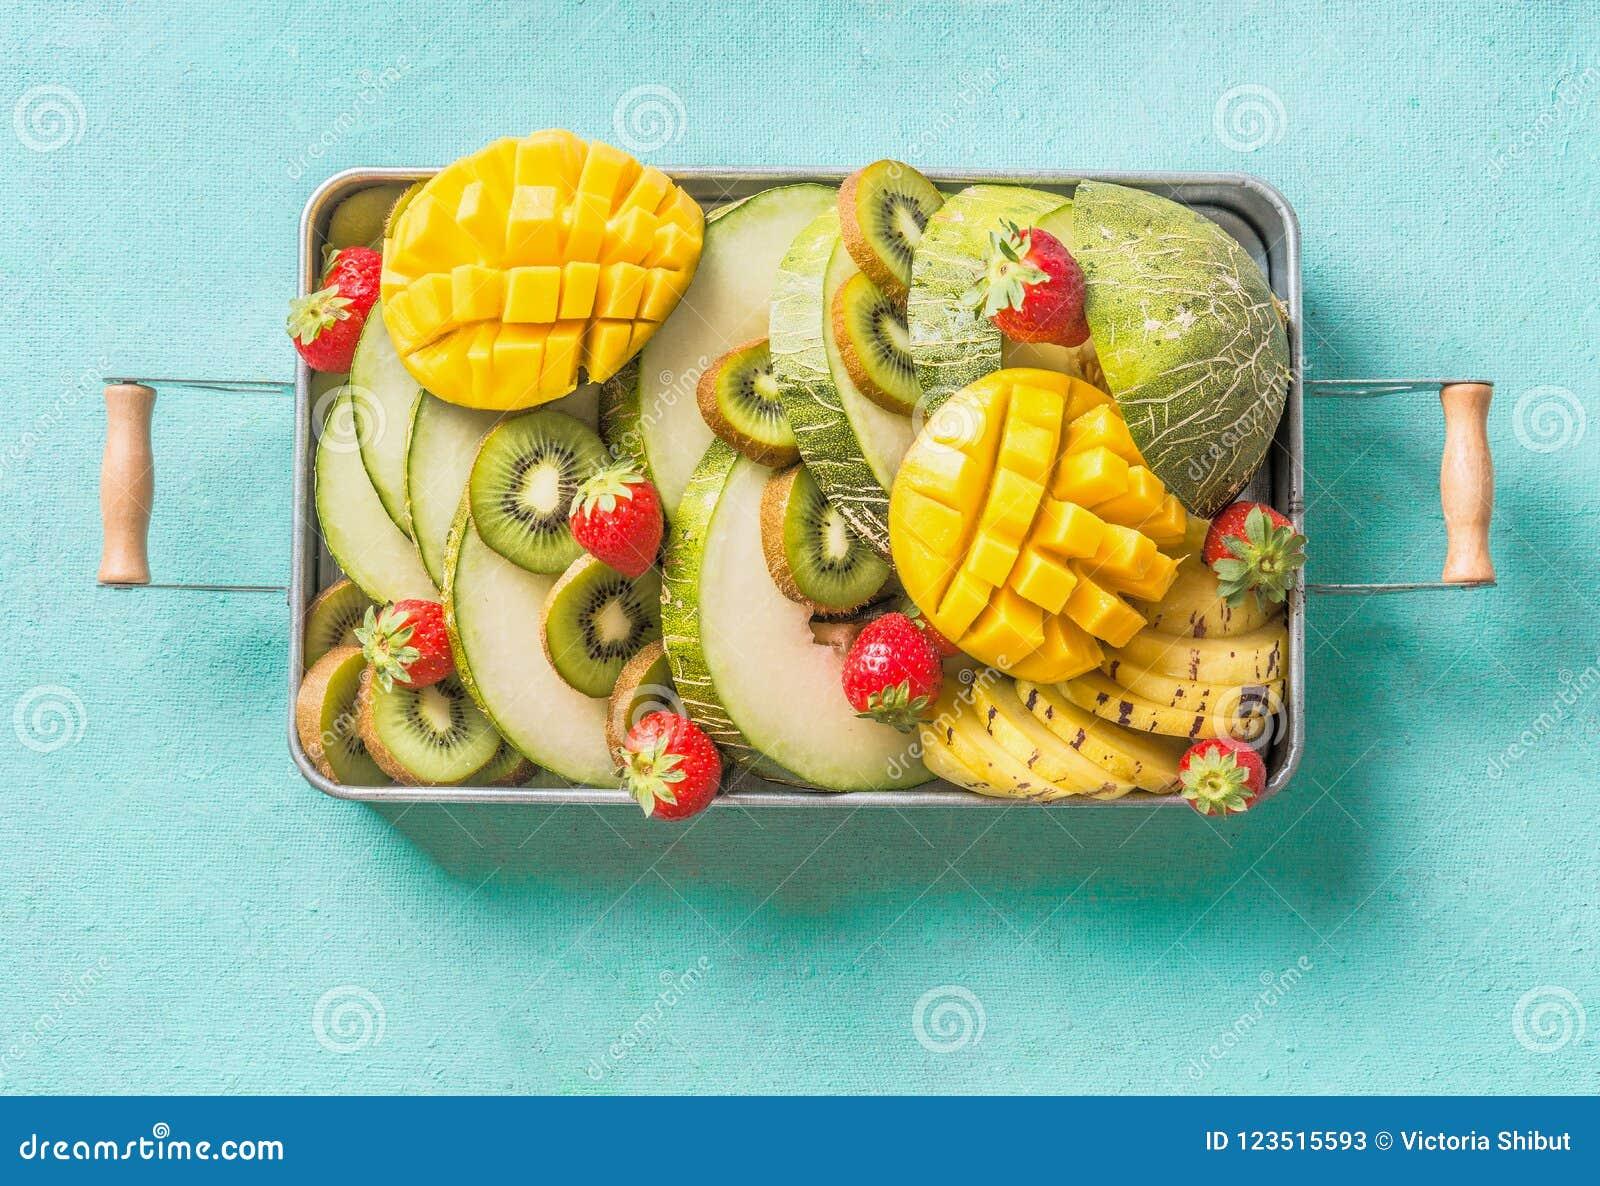 Πιάτο θερινών φρούτων και μούρων στο ανοικτό μπλε υπόβαθρο Εξωτική θερινή διατροφή